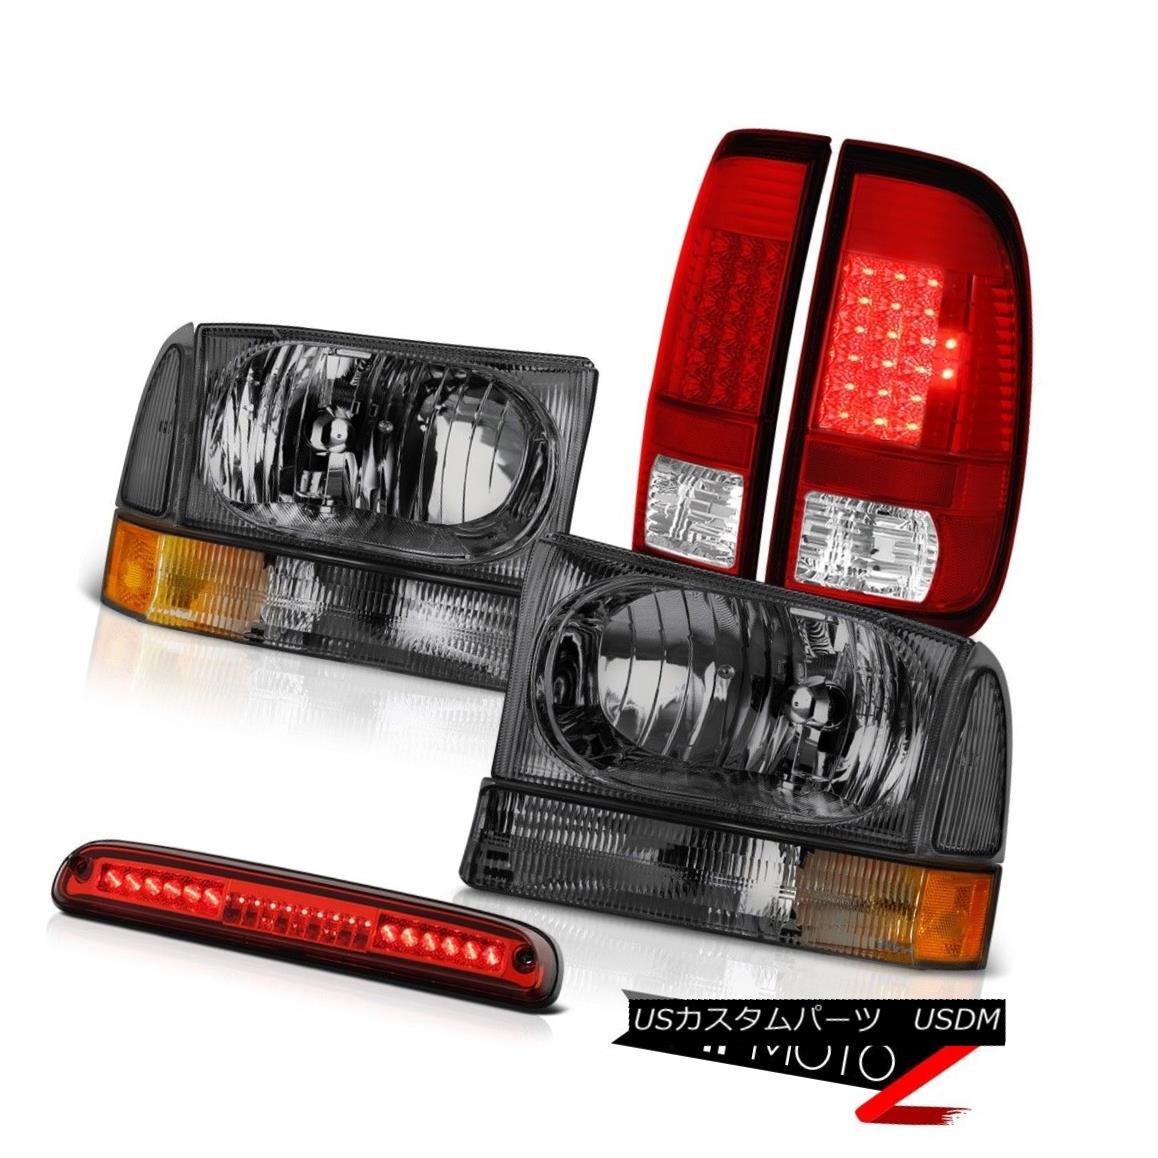 テールライト 1999-2004 F350 6.0L Dark Smoke Headlamps LH+RH LED Brake Lights High Stop Red 1999-2004 F350 6.0LダークスモークヘッドランプLH + RH LEDブレーキライトハイストップレッド